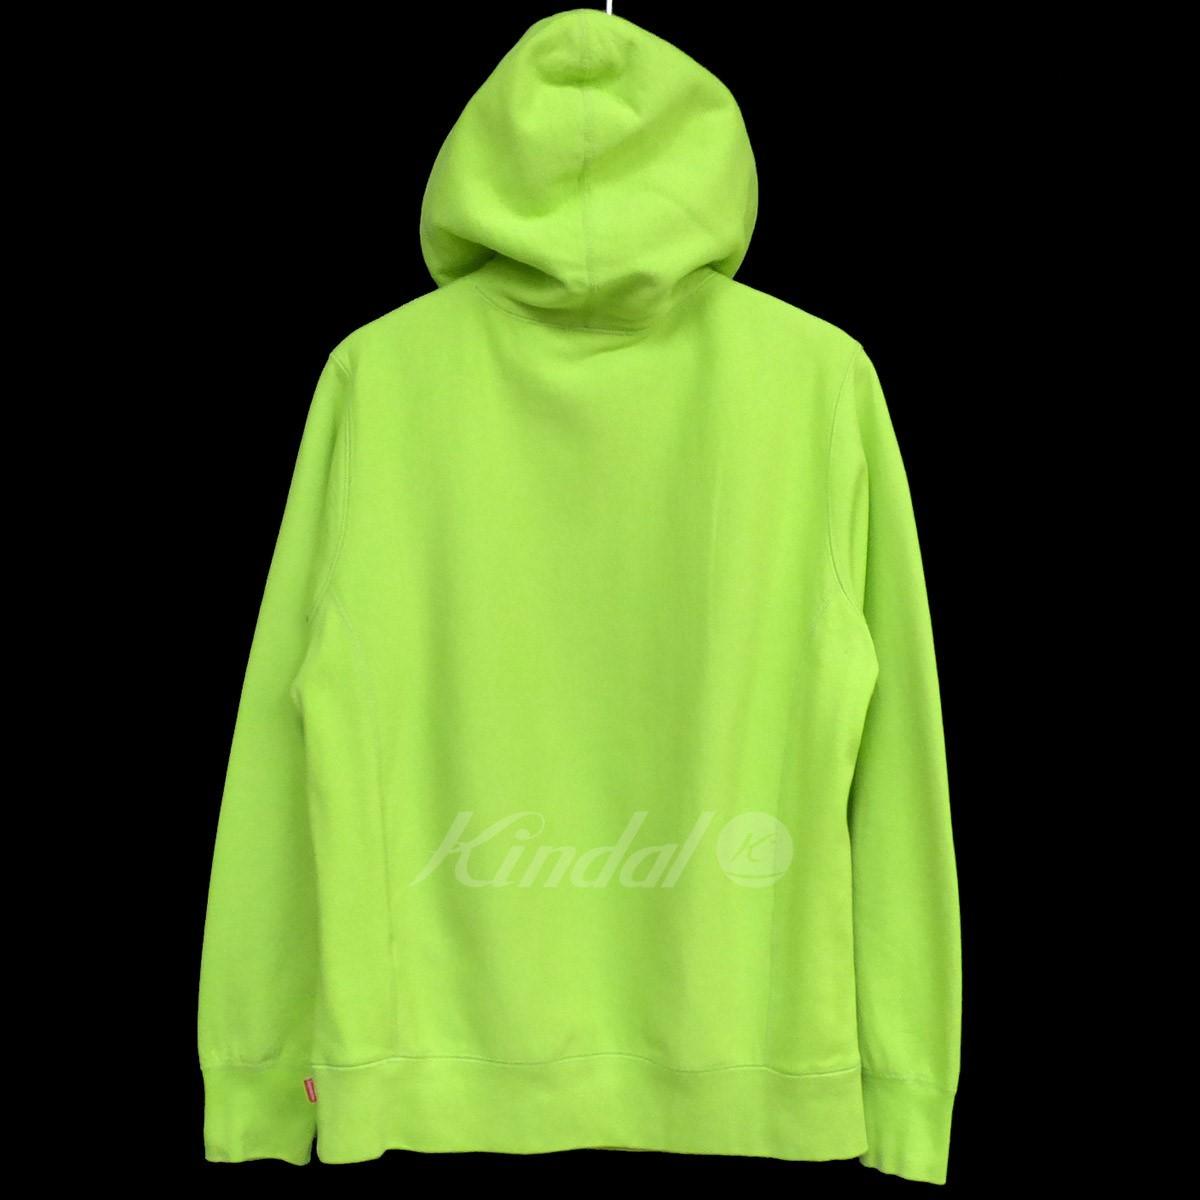 シュプリーム SUPREME  16SS Motion Logo Hooded Sweatshirtモーションロゴパーカー 商品番号:583518000014_画像2